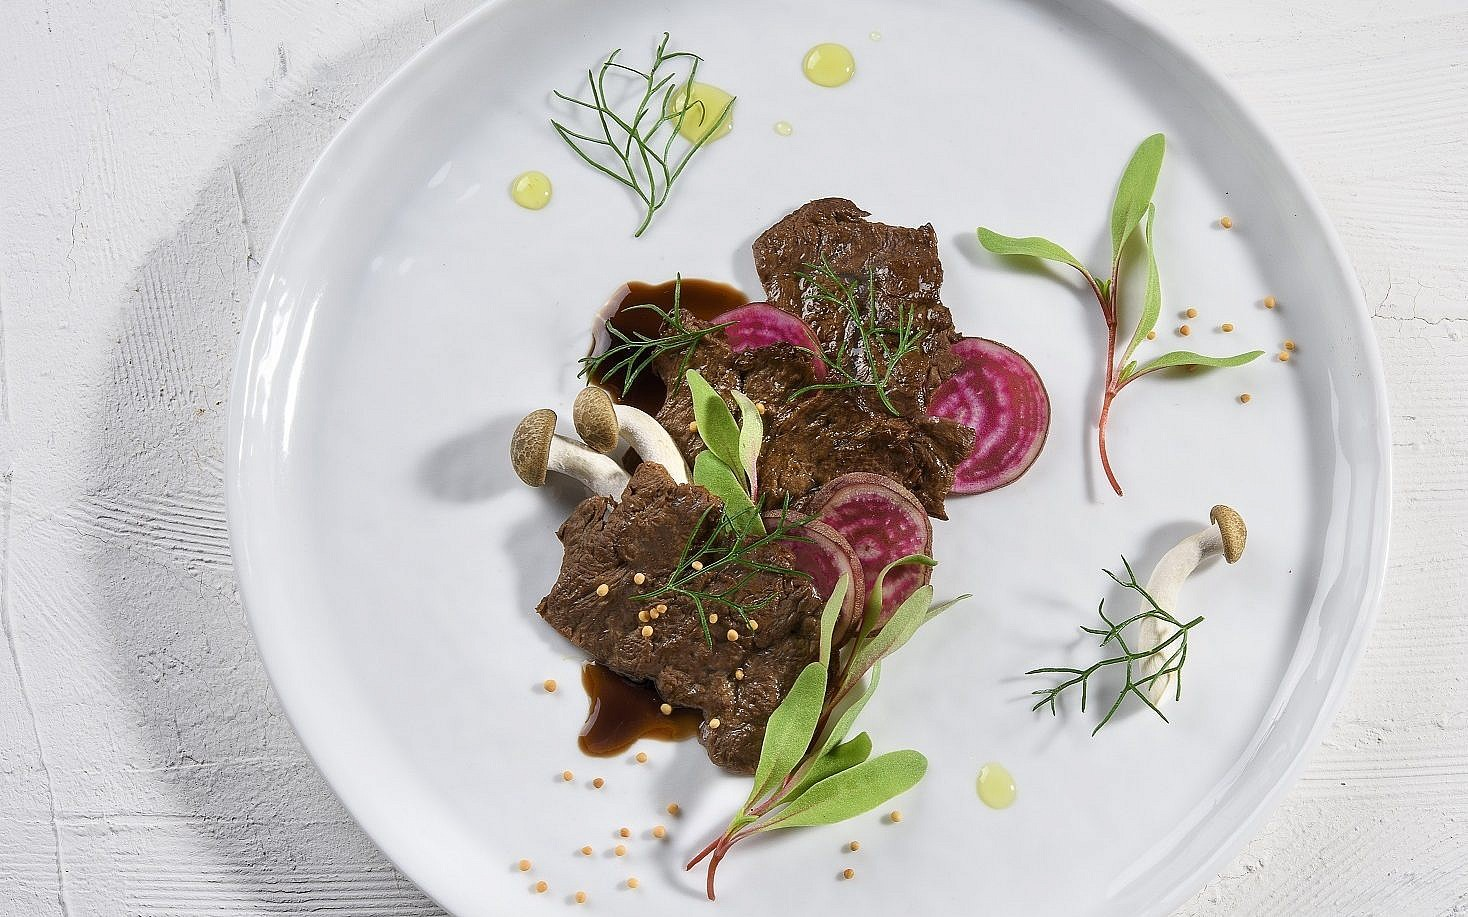 Một start-up tuyên bố làm được thịt bò nhân tạo giá 1,2 triệu đồng/miếng